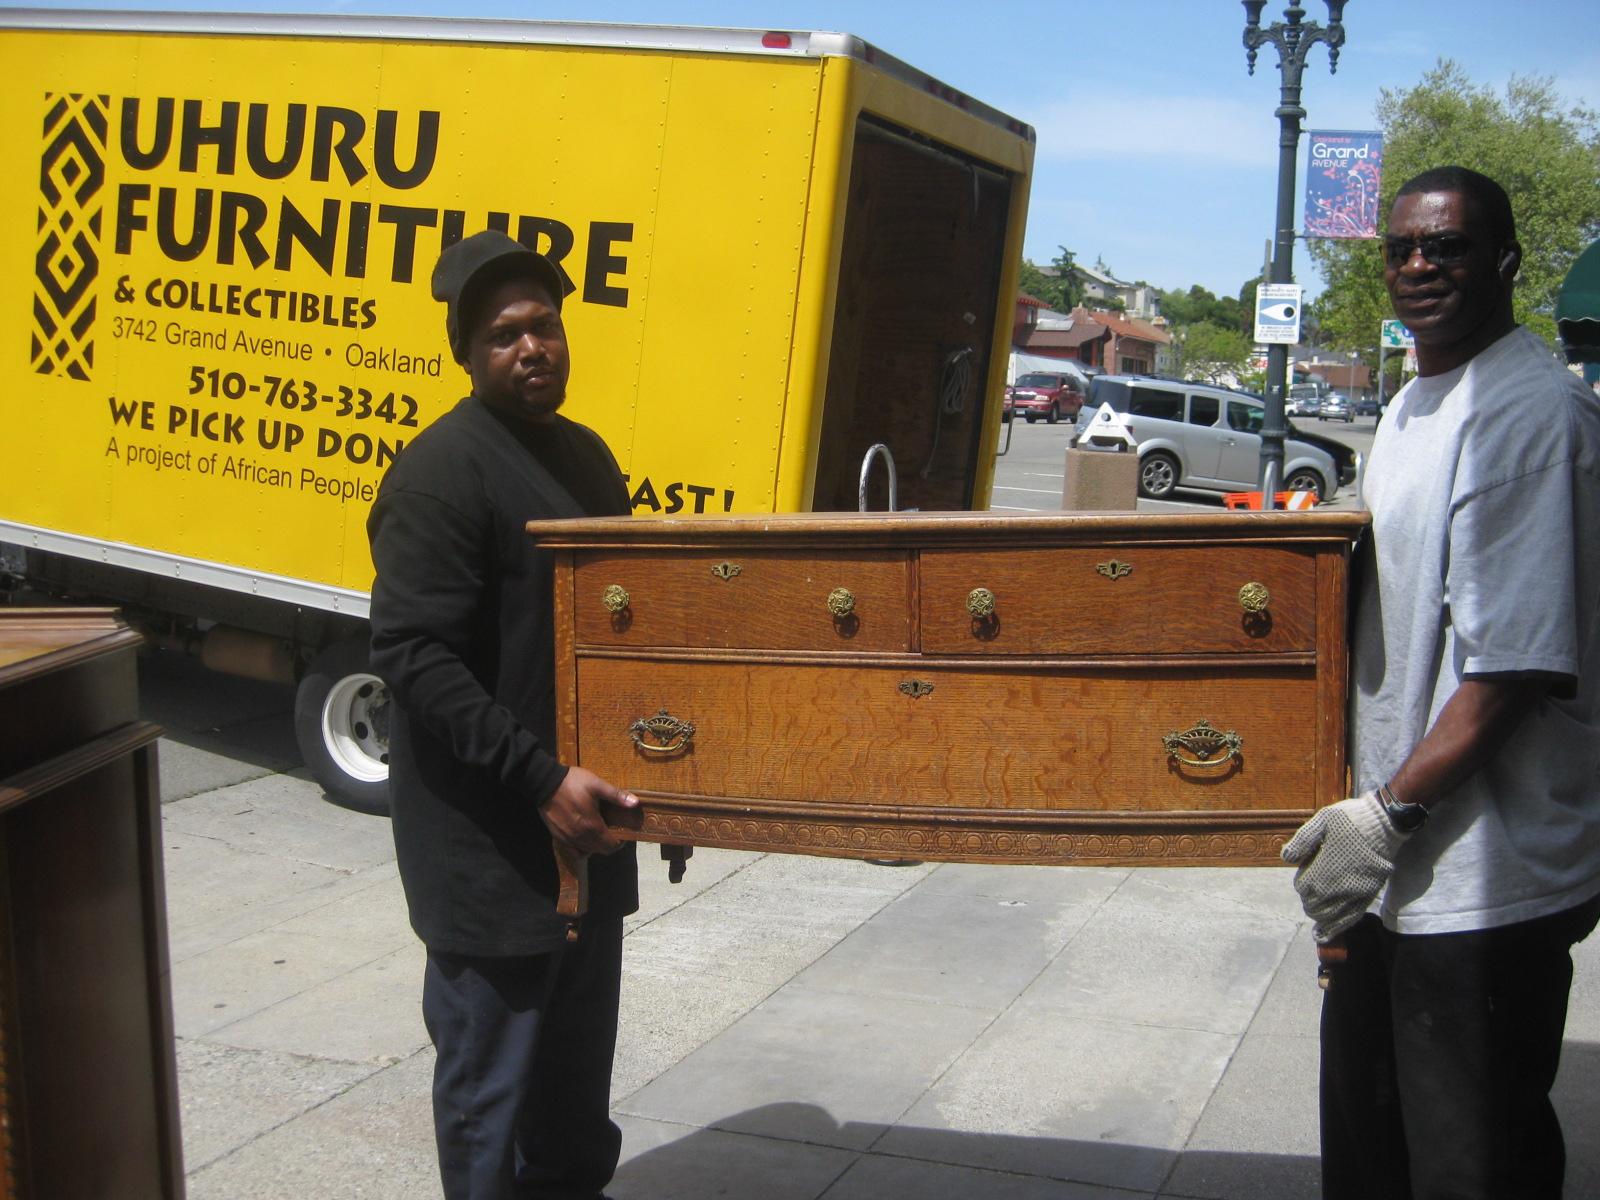 UHURU FURNITURE amp COLLECTIBLES Donate Furniture